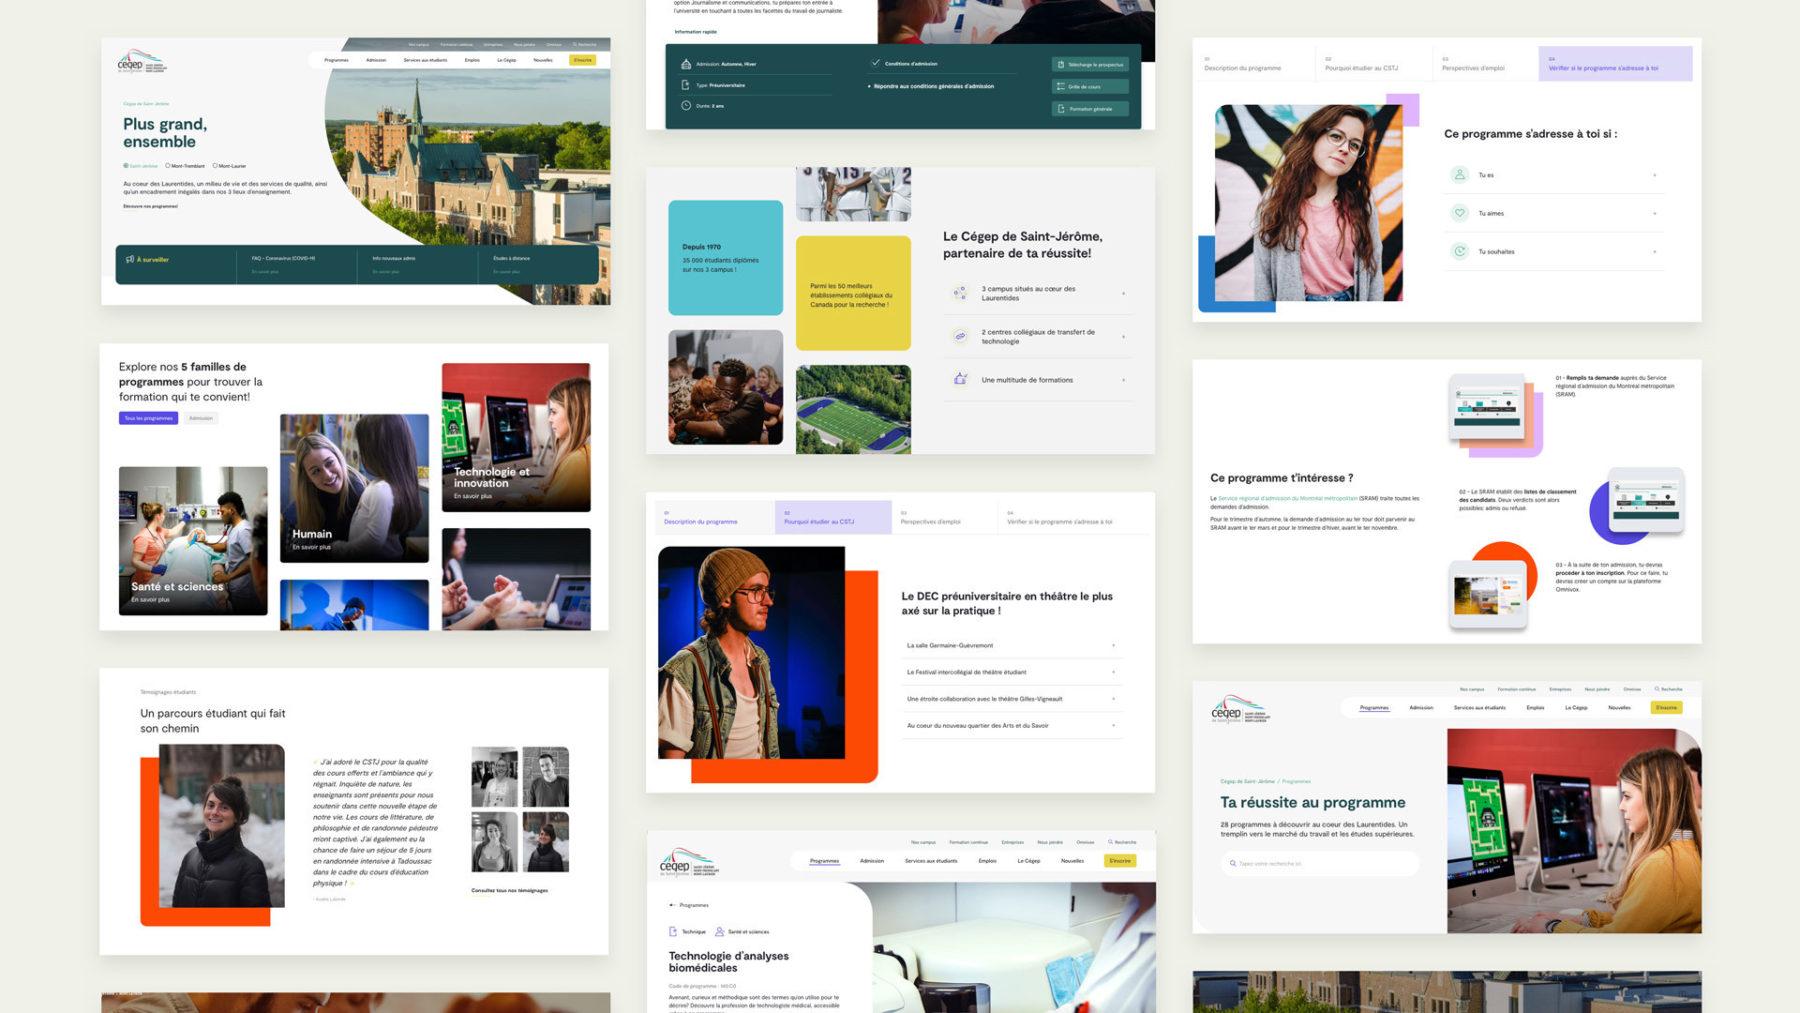 Visuel du nouveau site Web